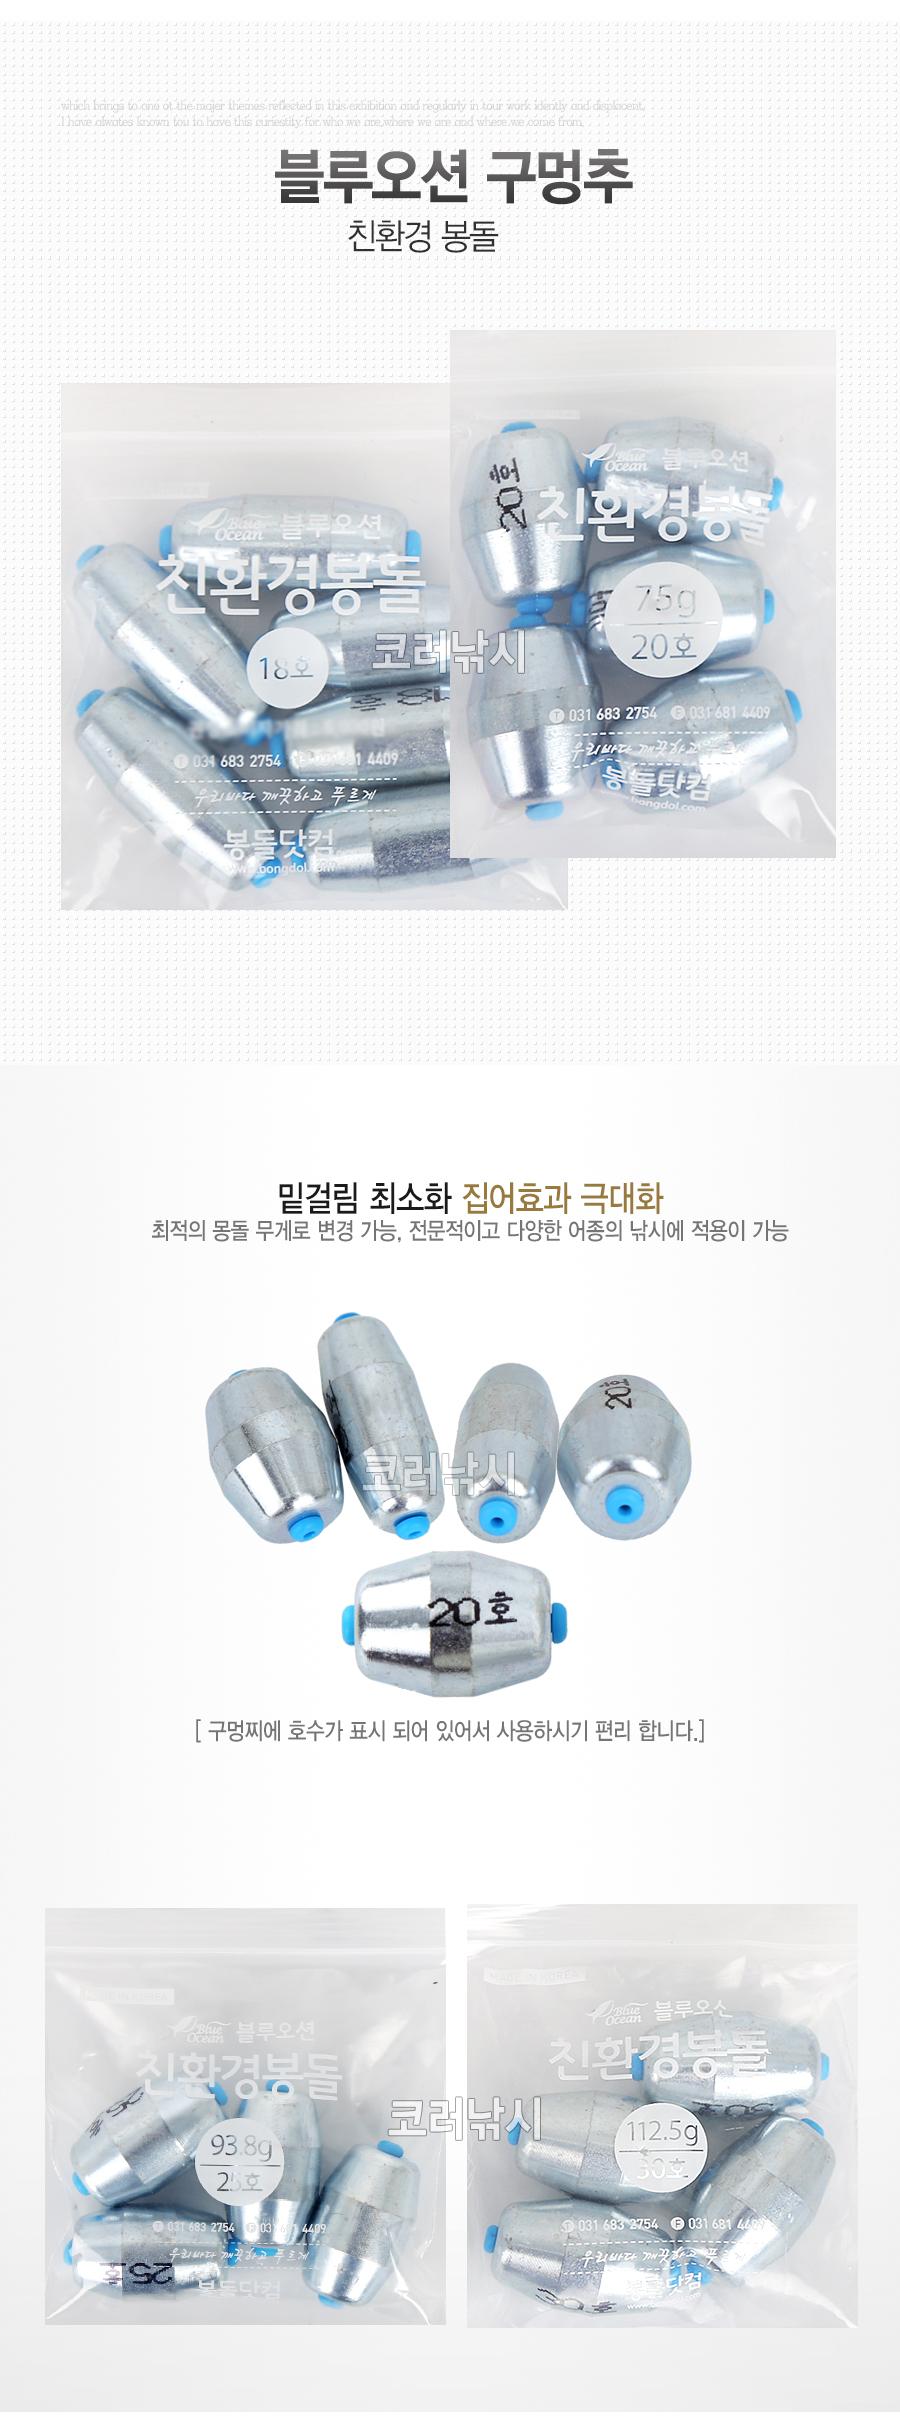 블루오션 구멍추 봉돌닷컴 푸른봉돌 블루오션봉돌